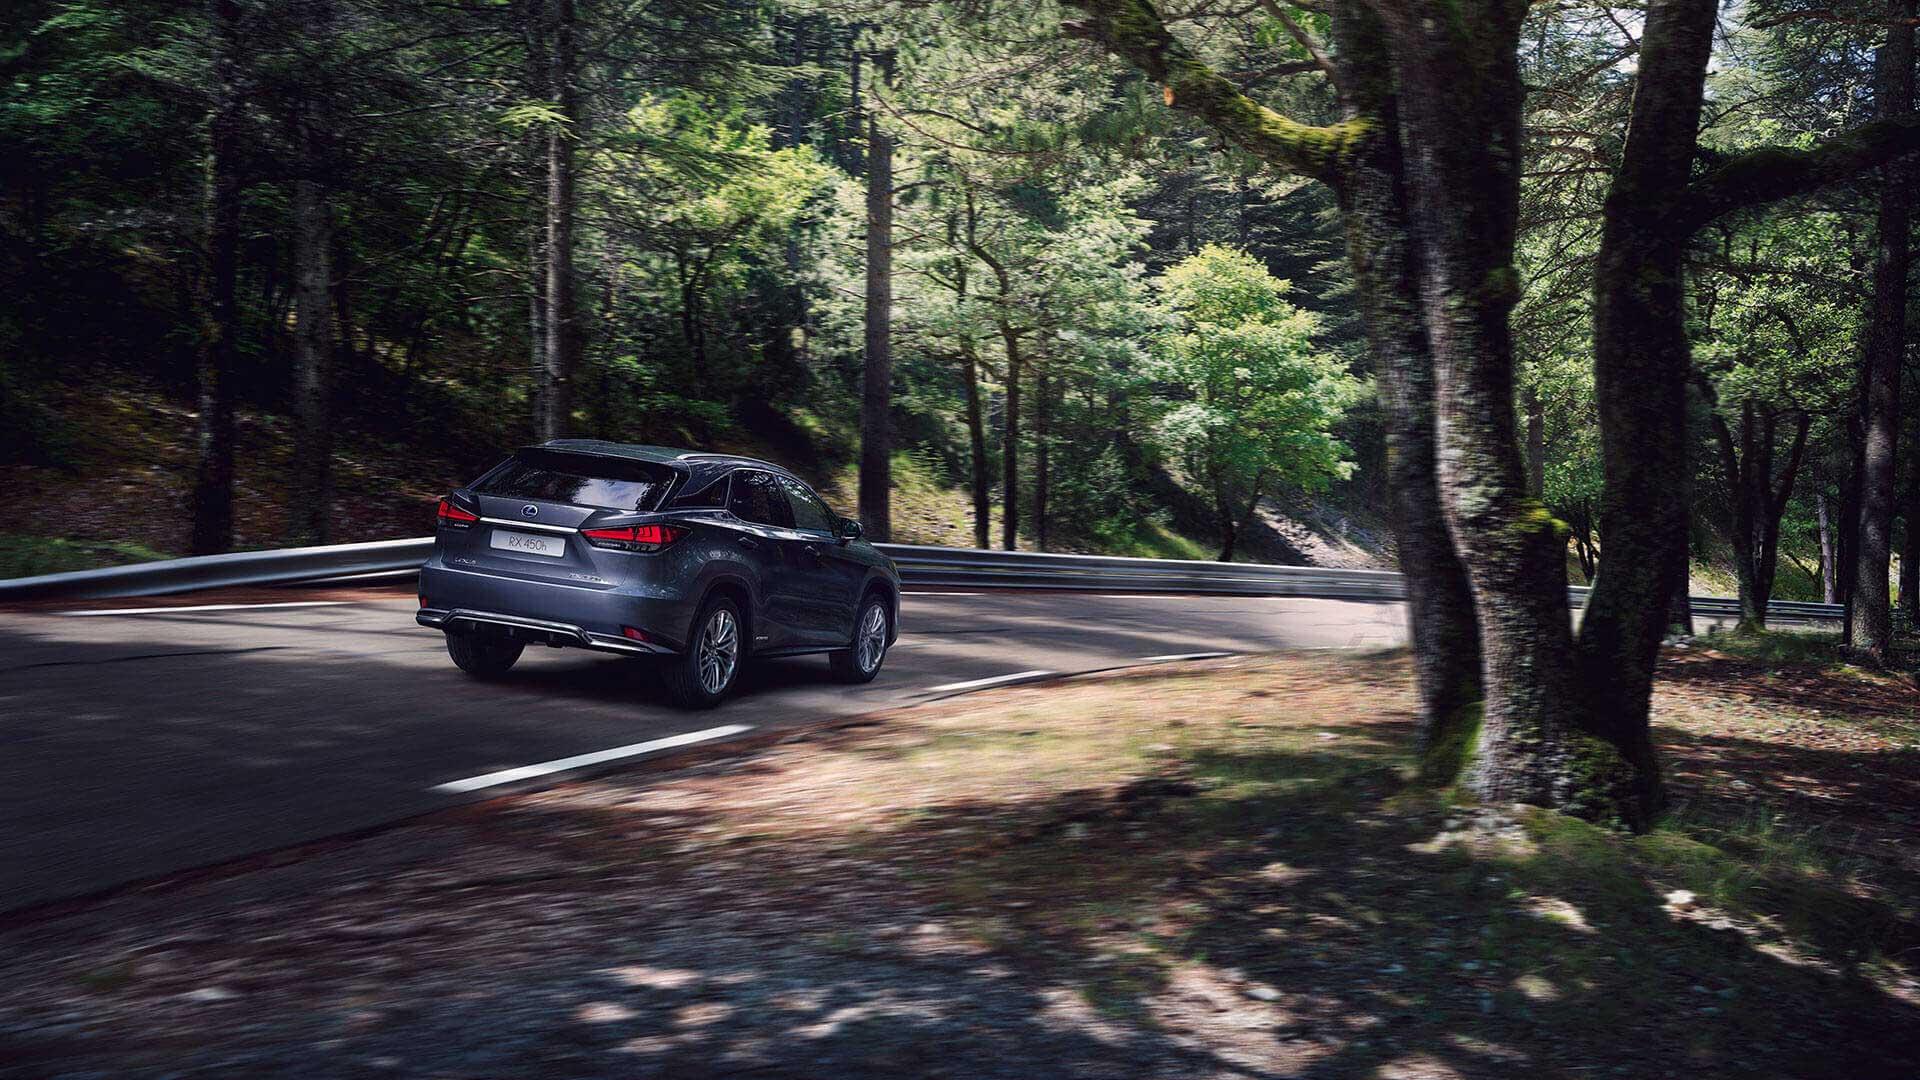 Lexus RX 450h Hybrid 2019 fahrend durch den Wald